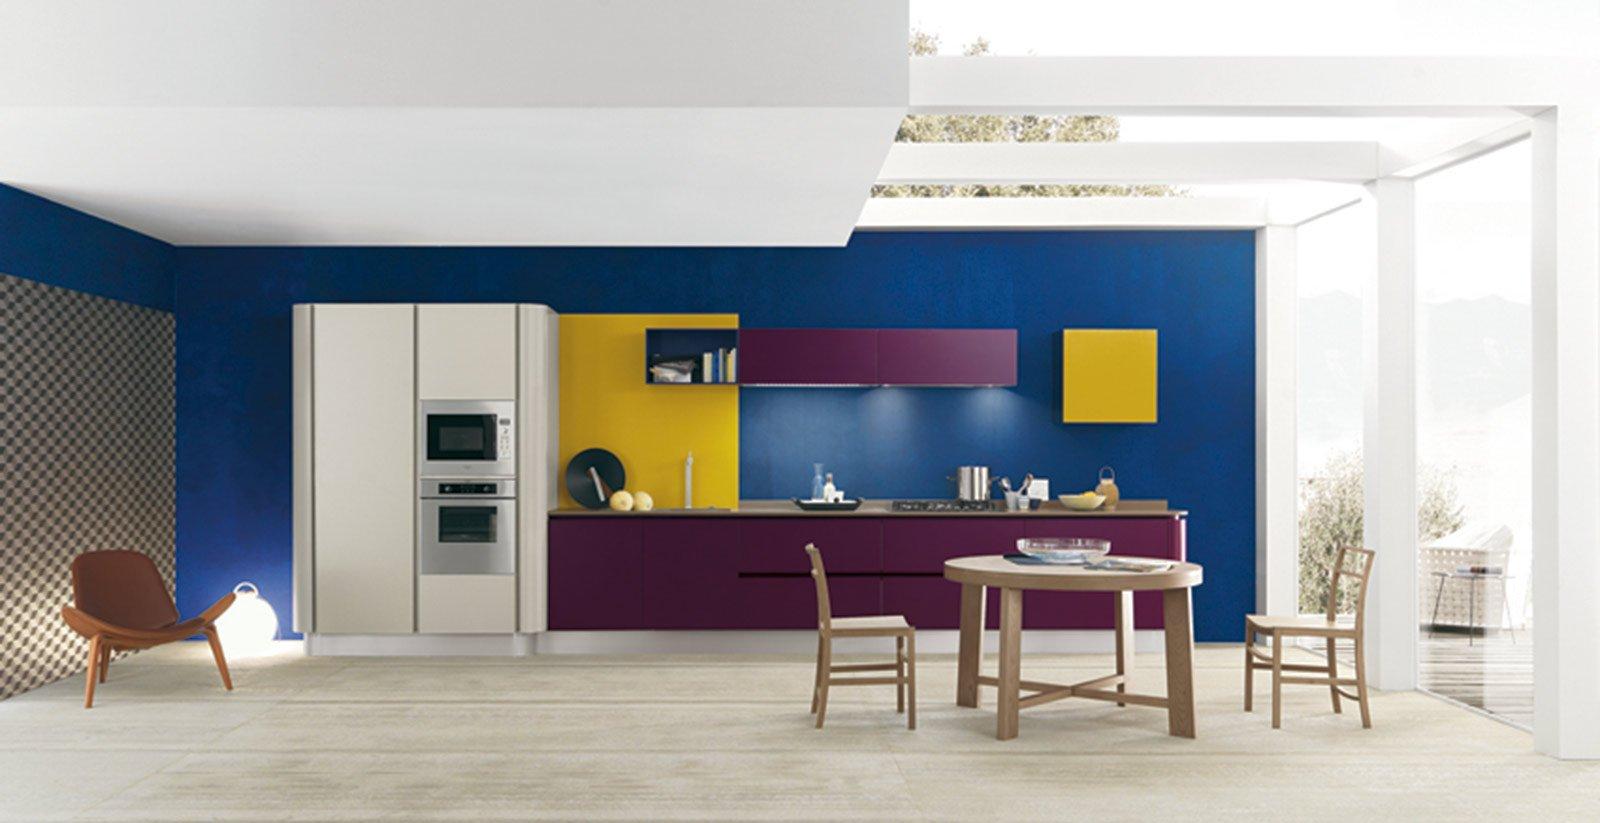 Cucine In Laminato Cose Di Casa # Mobiletto Cucina Color Melanzana